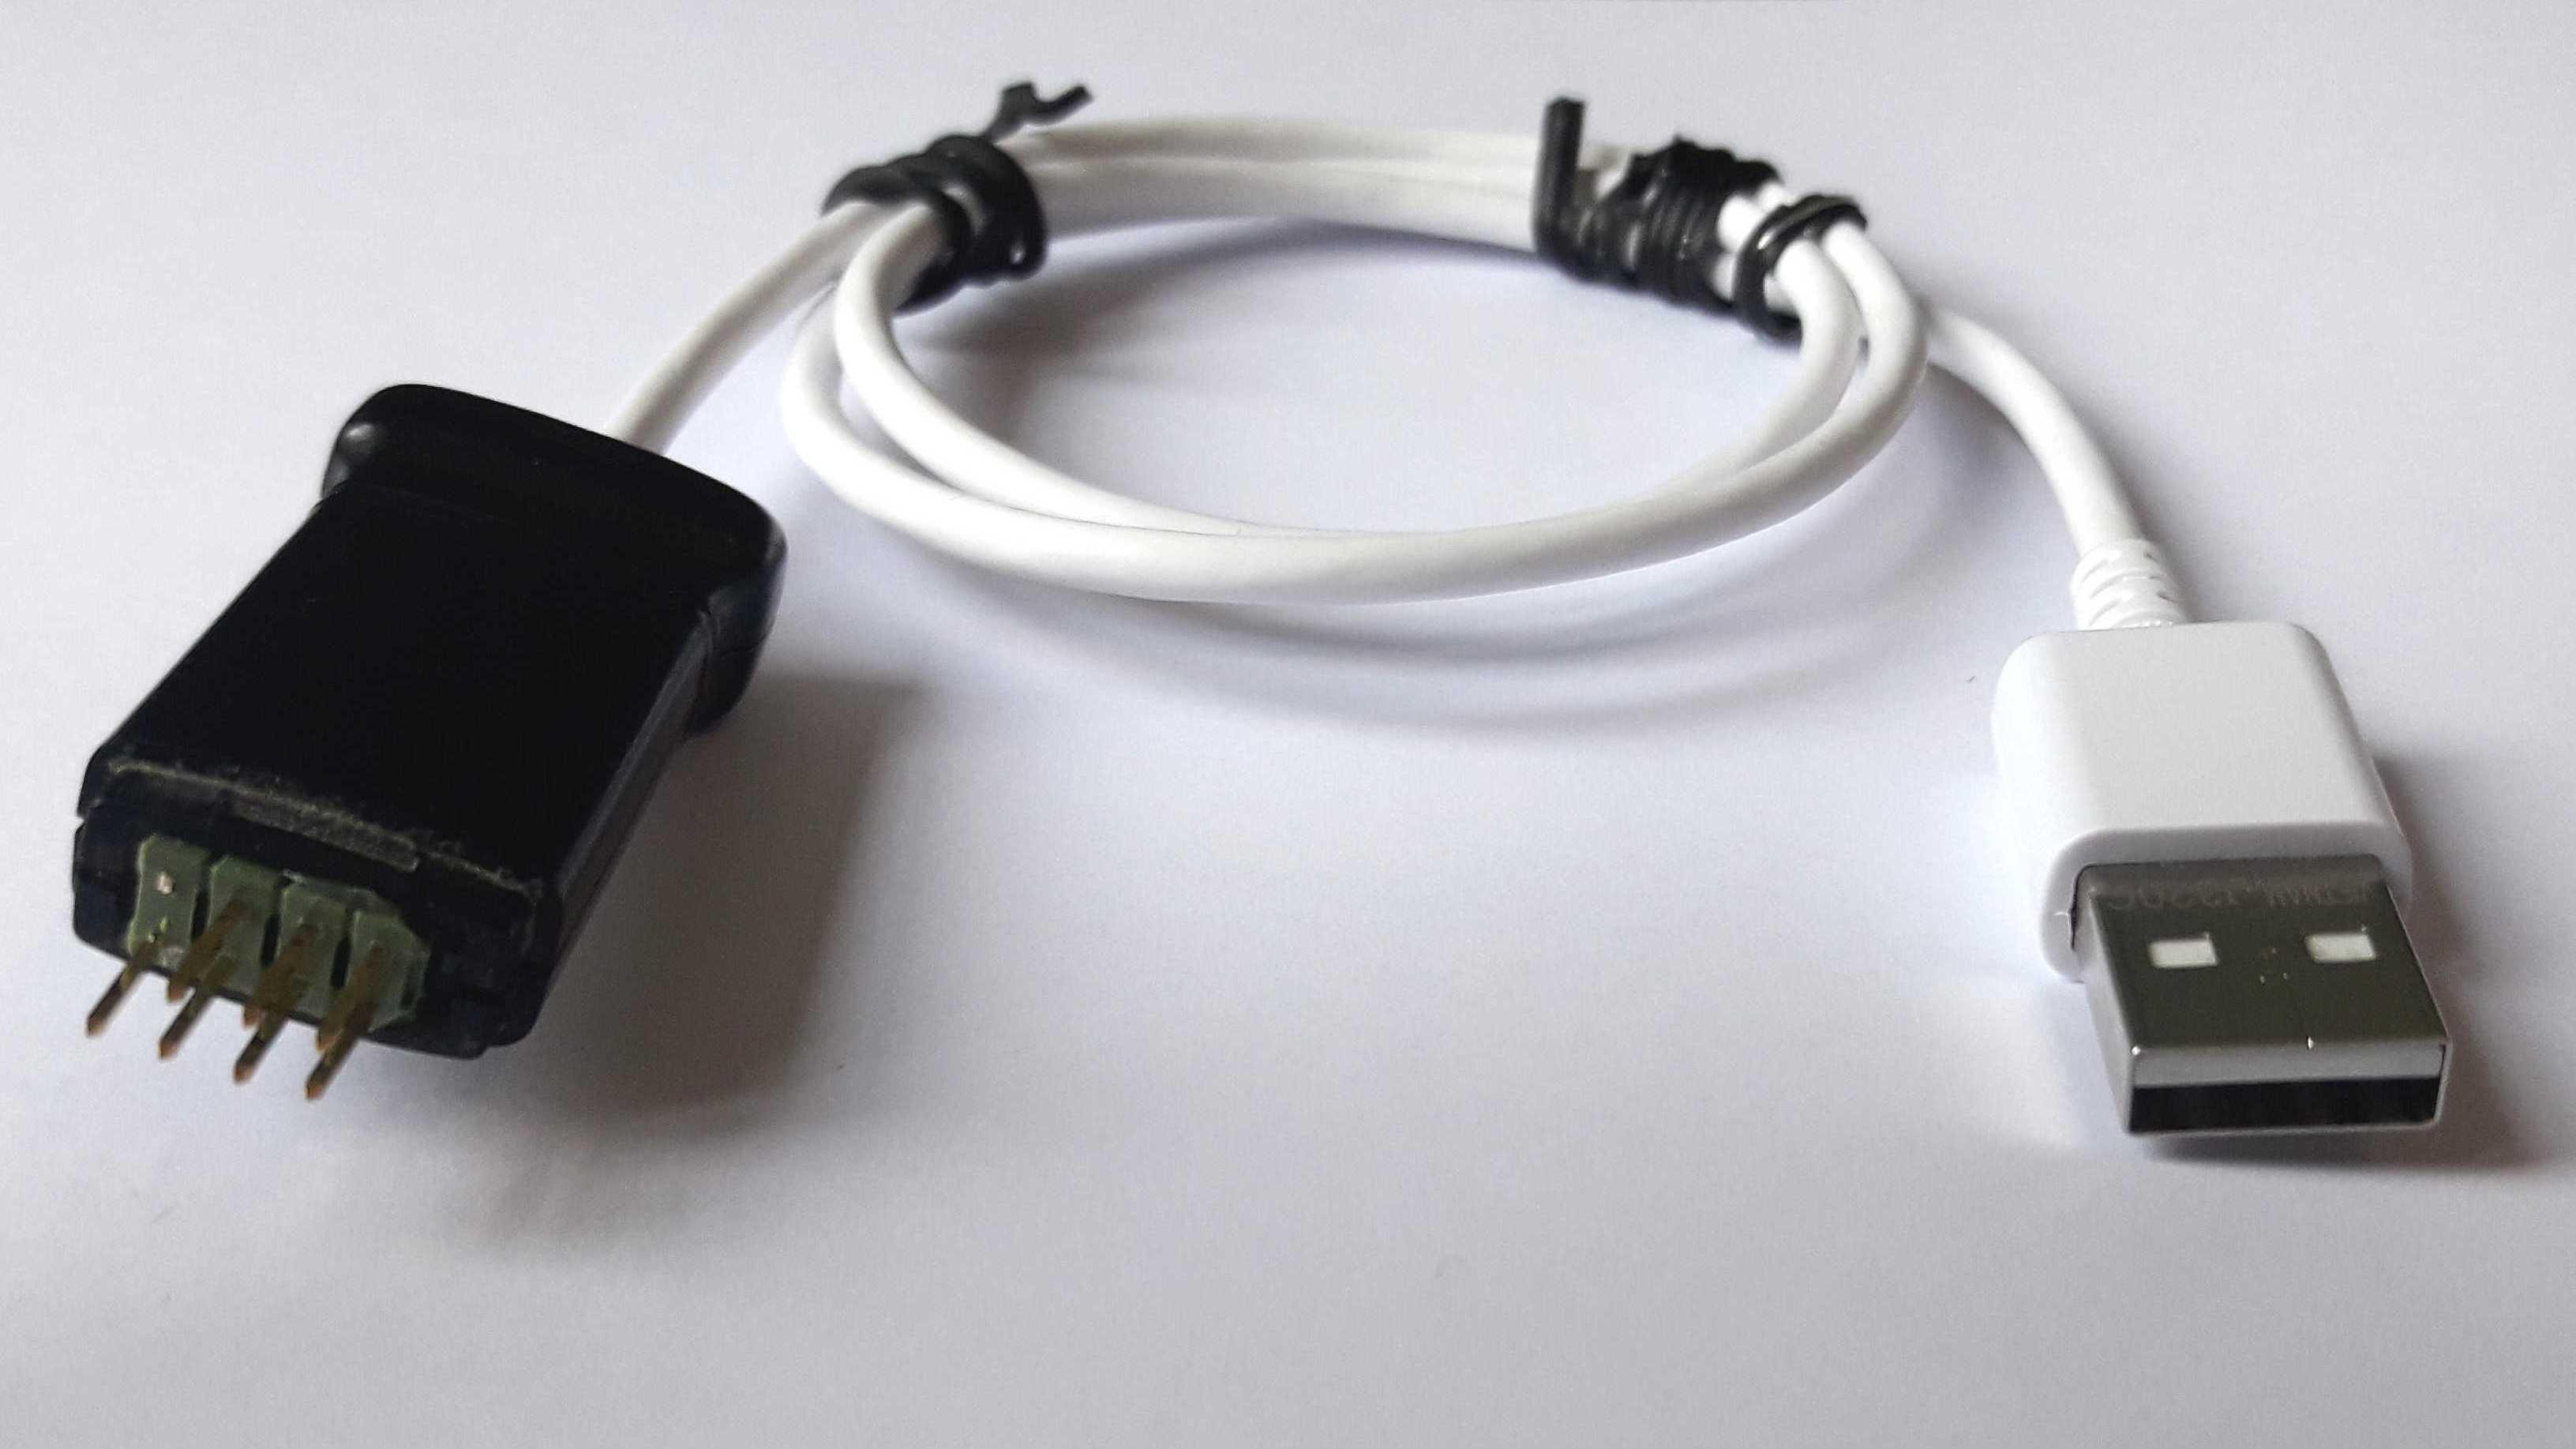 Ein USB-Kabel mit Stiftleiste an einer Seite